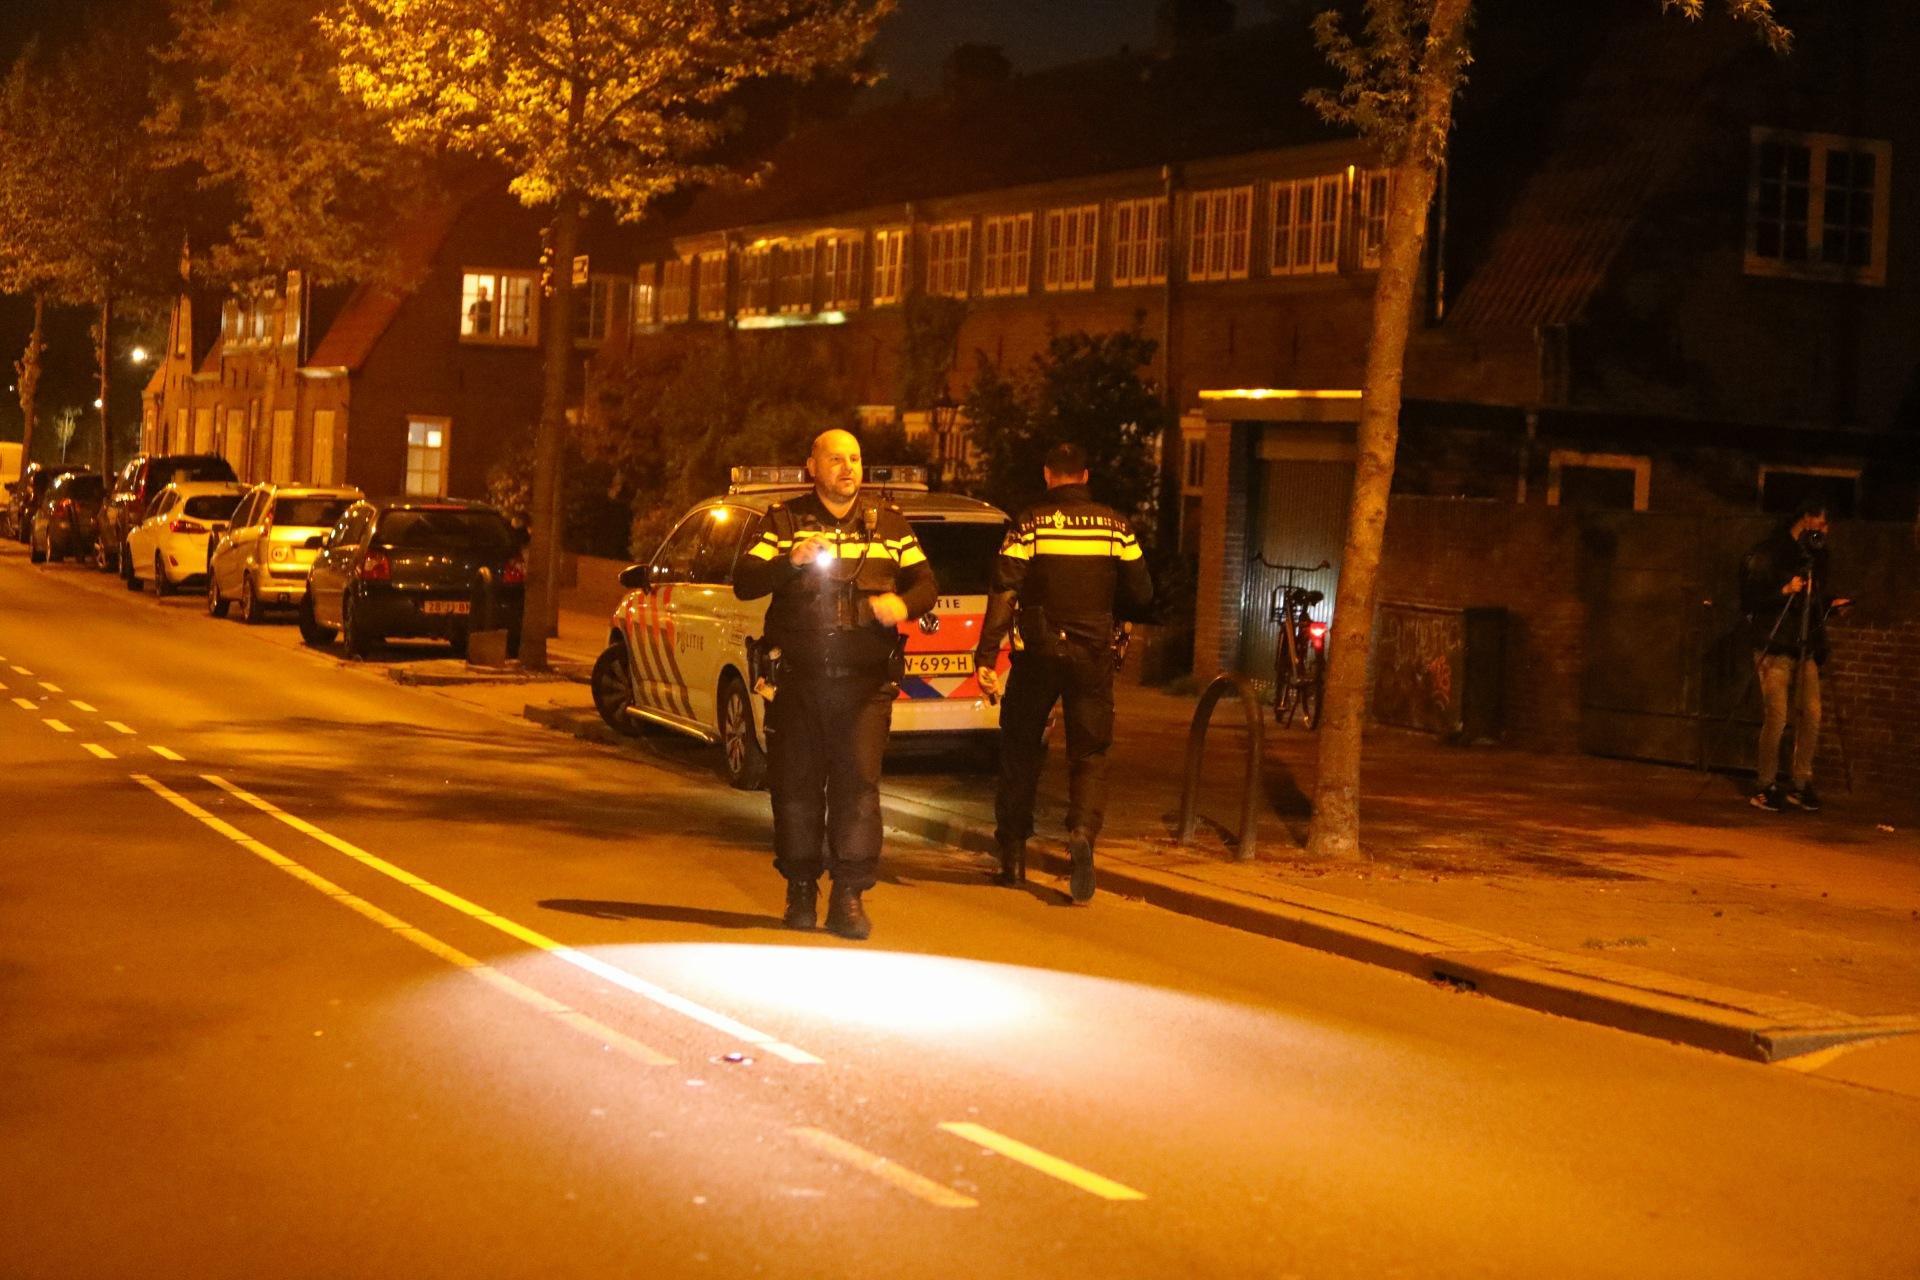 Schietpartij in Hilversum: 'niet met scherp geschoten maar met knalmunitie'. Twee personen aangehouden [nieuwe update]